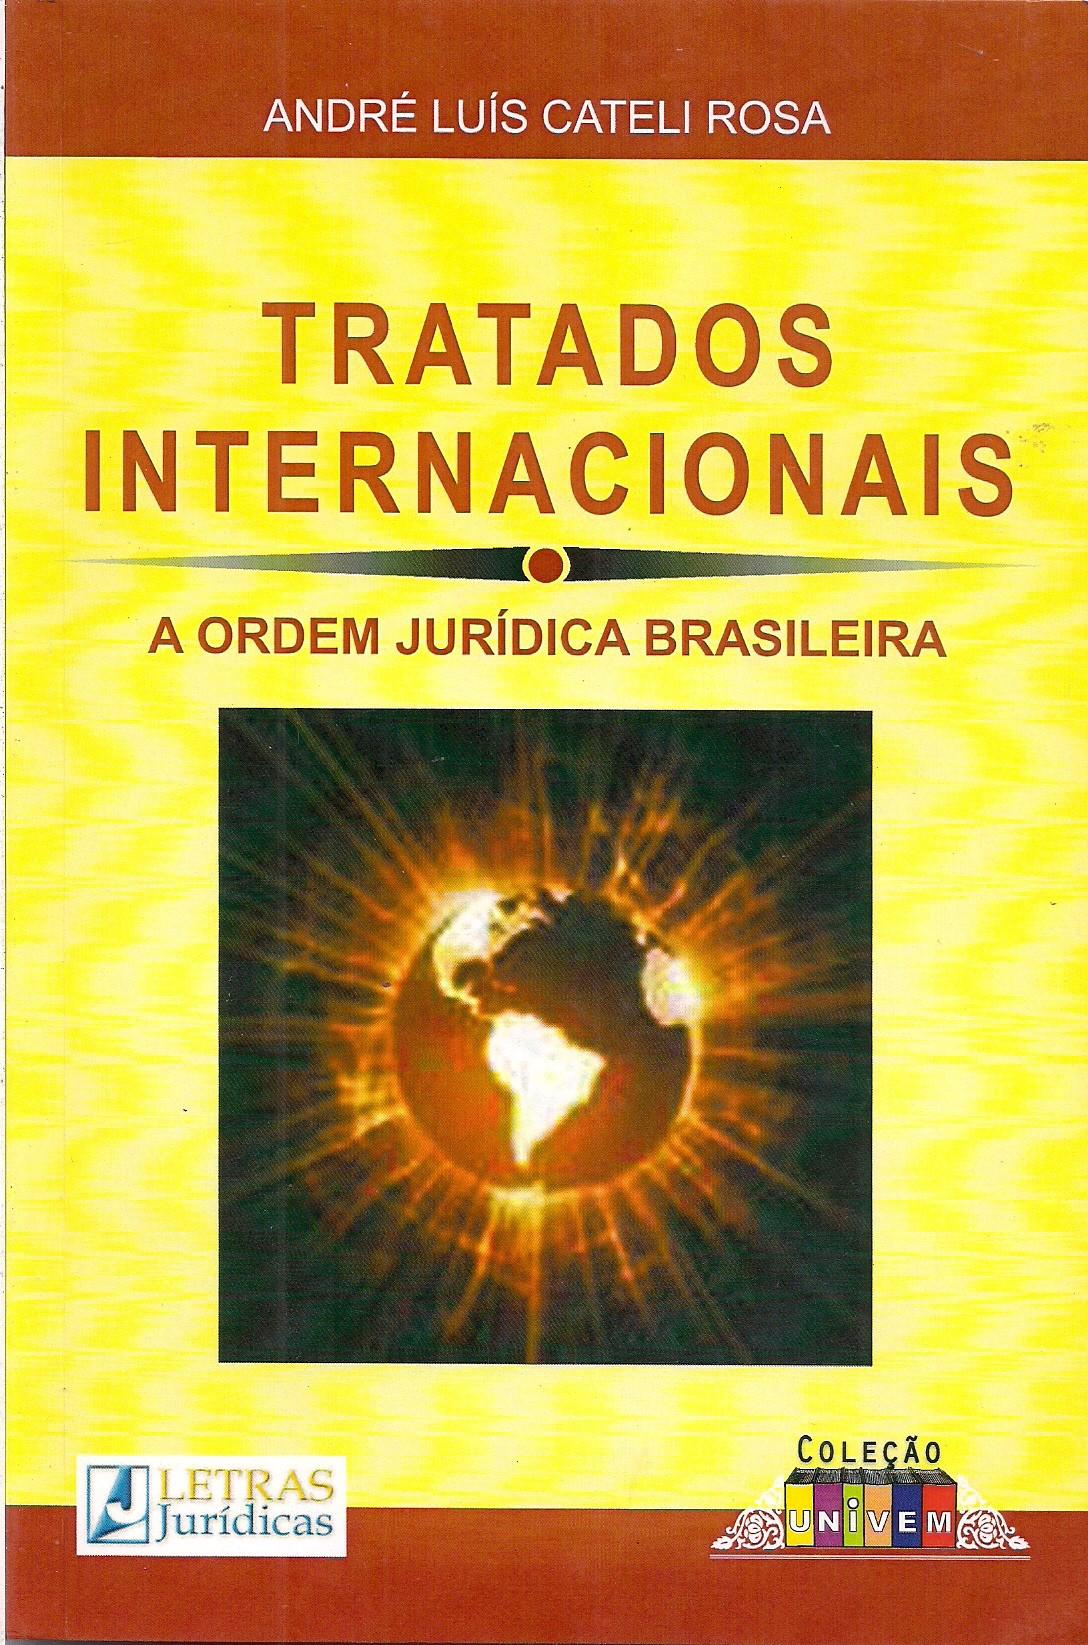 Foto 1 - Tratados Internacionais - A Ordem Jurídica Brasileira